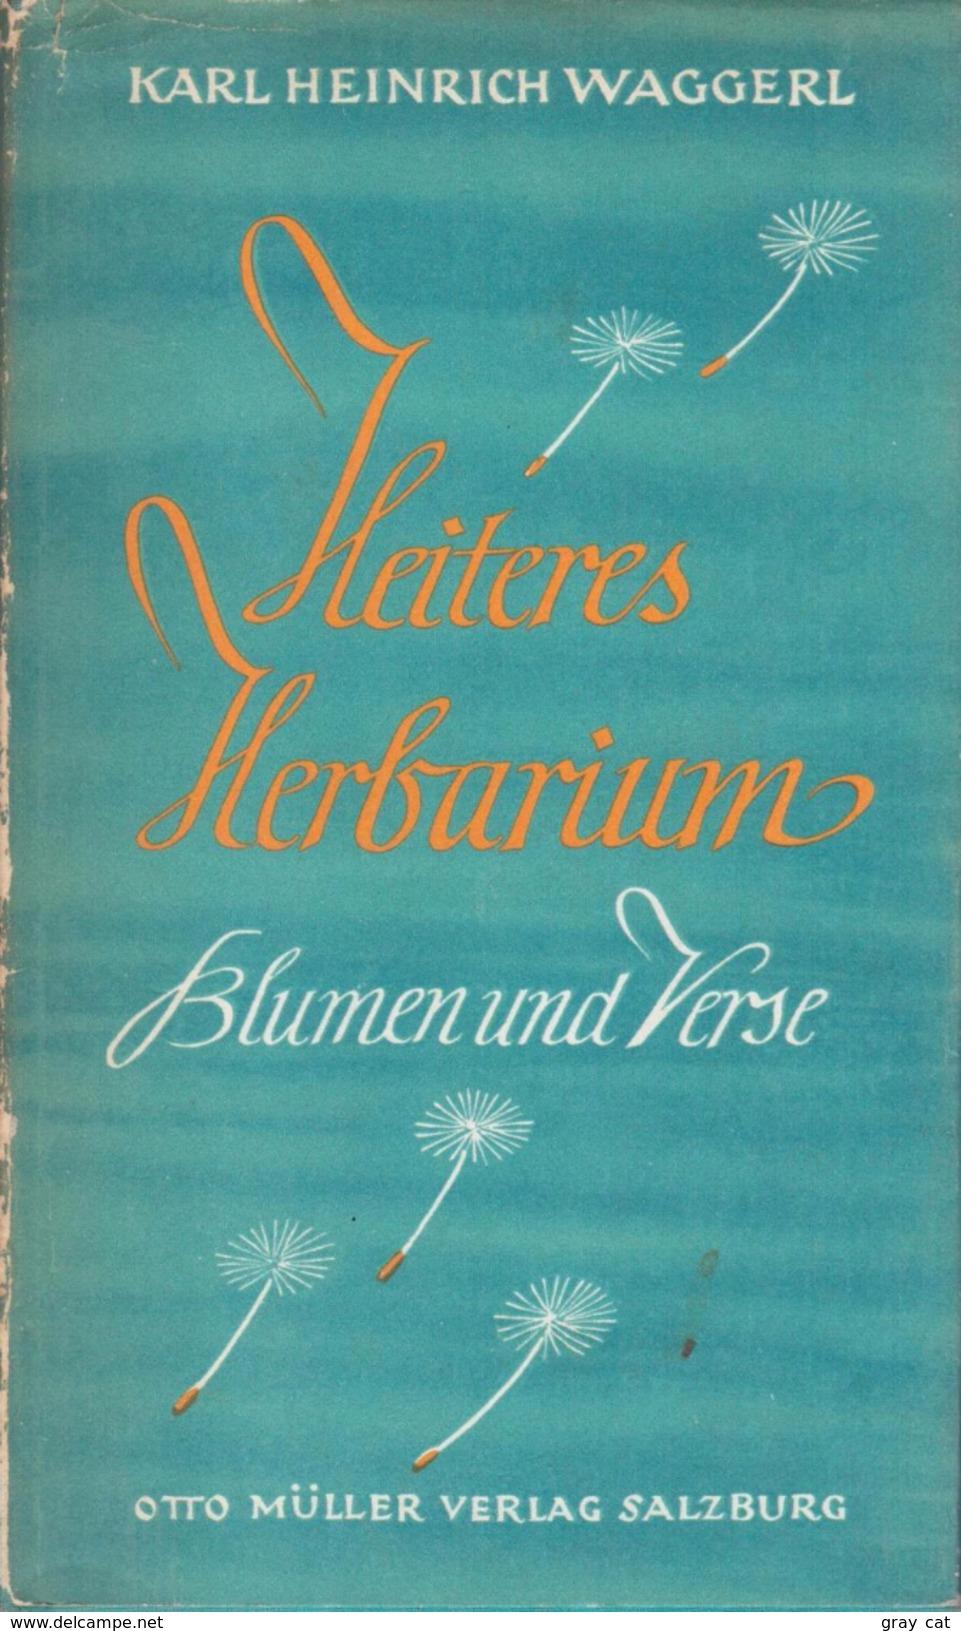 HEITERES HERBARIUM By Waggerl, Karl Heinrich - Old Books